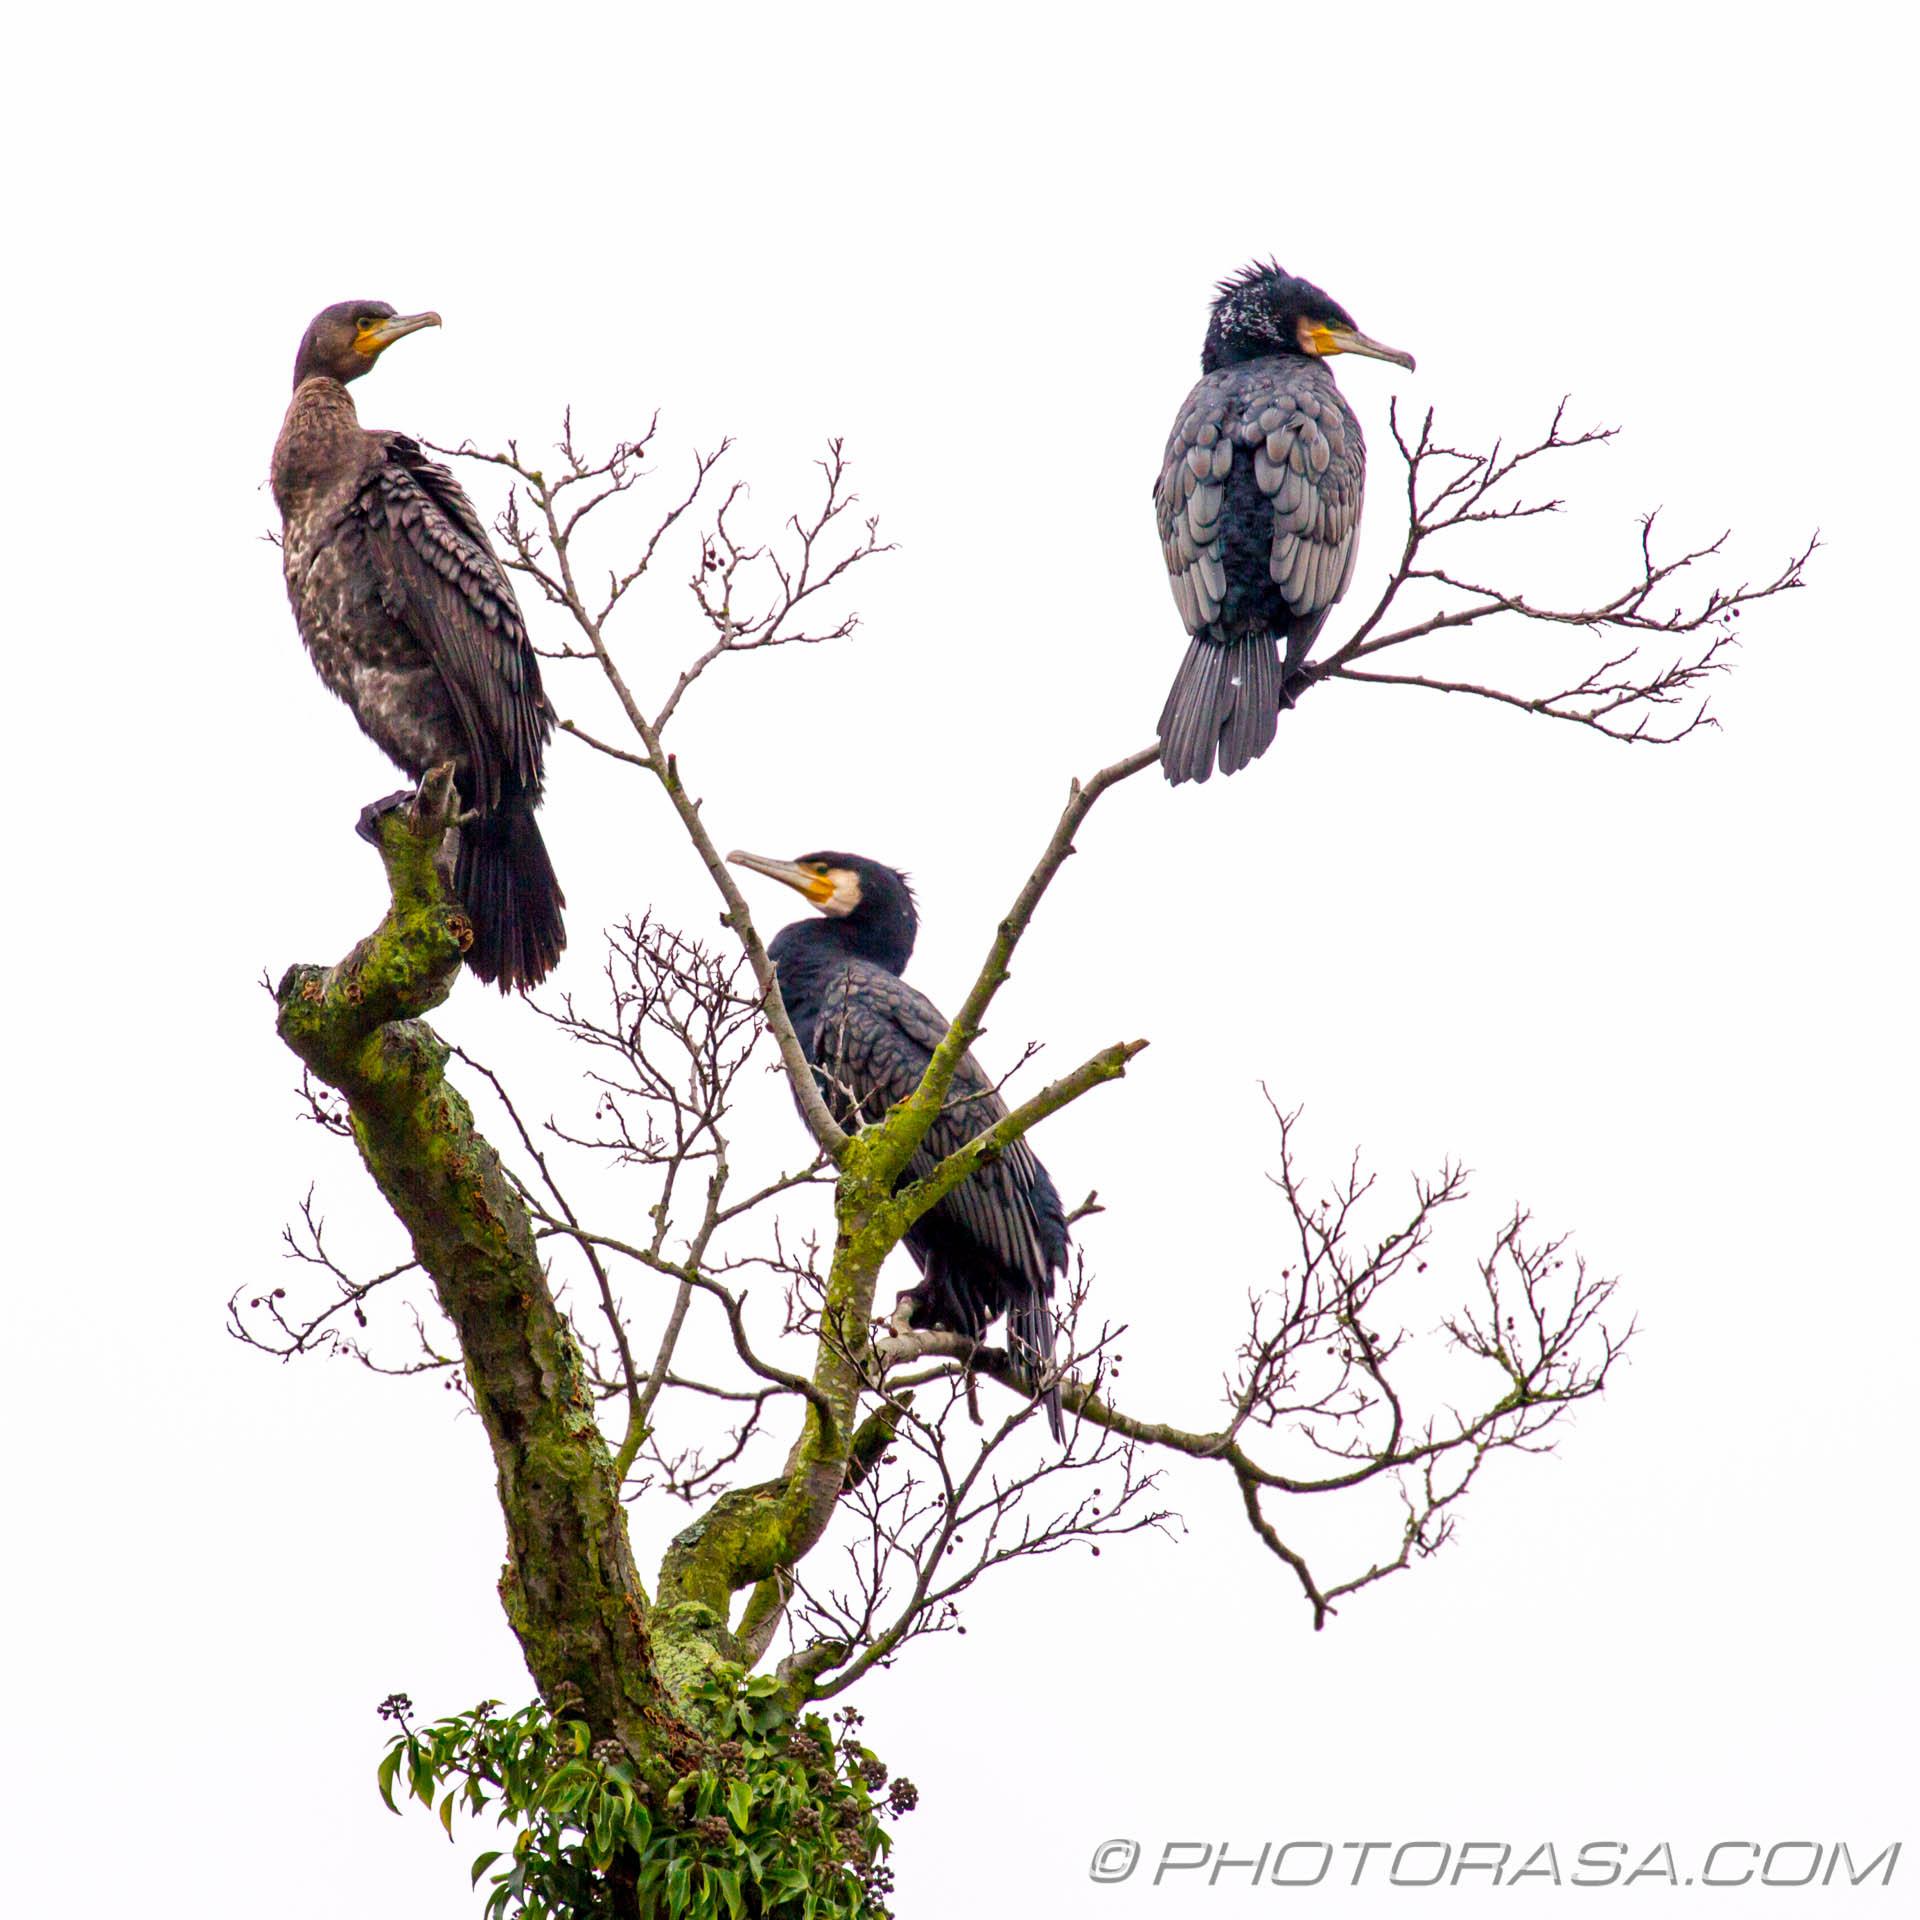 http://photorasa.com/three-cormorants/three-cormorants-on-a-tree/